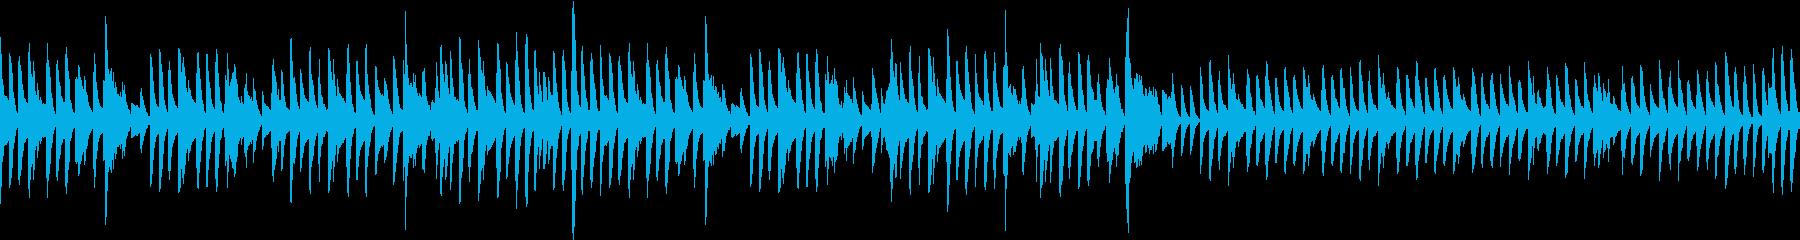 晴れた日の散歩道2(ピアノソロ)の再生済みの波形